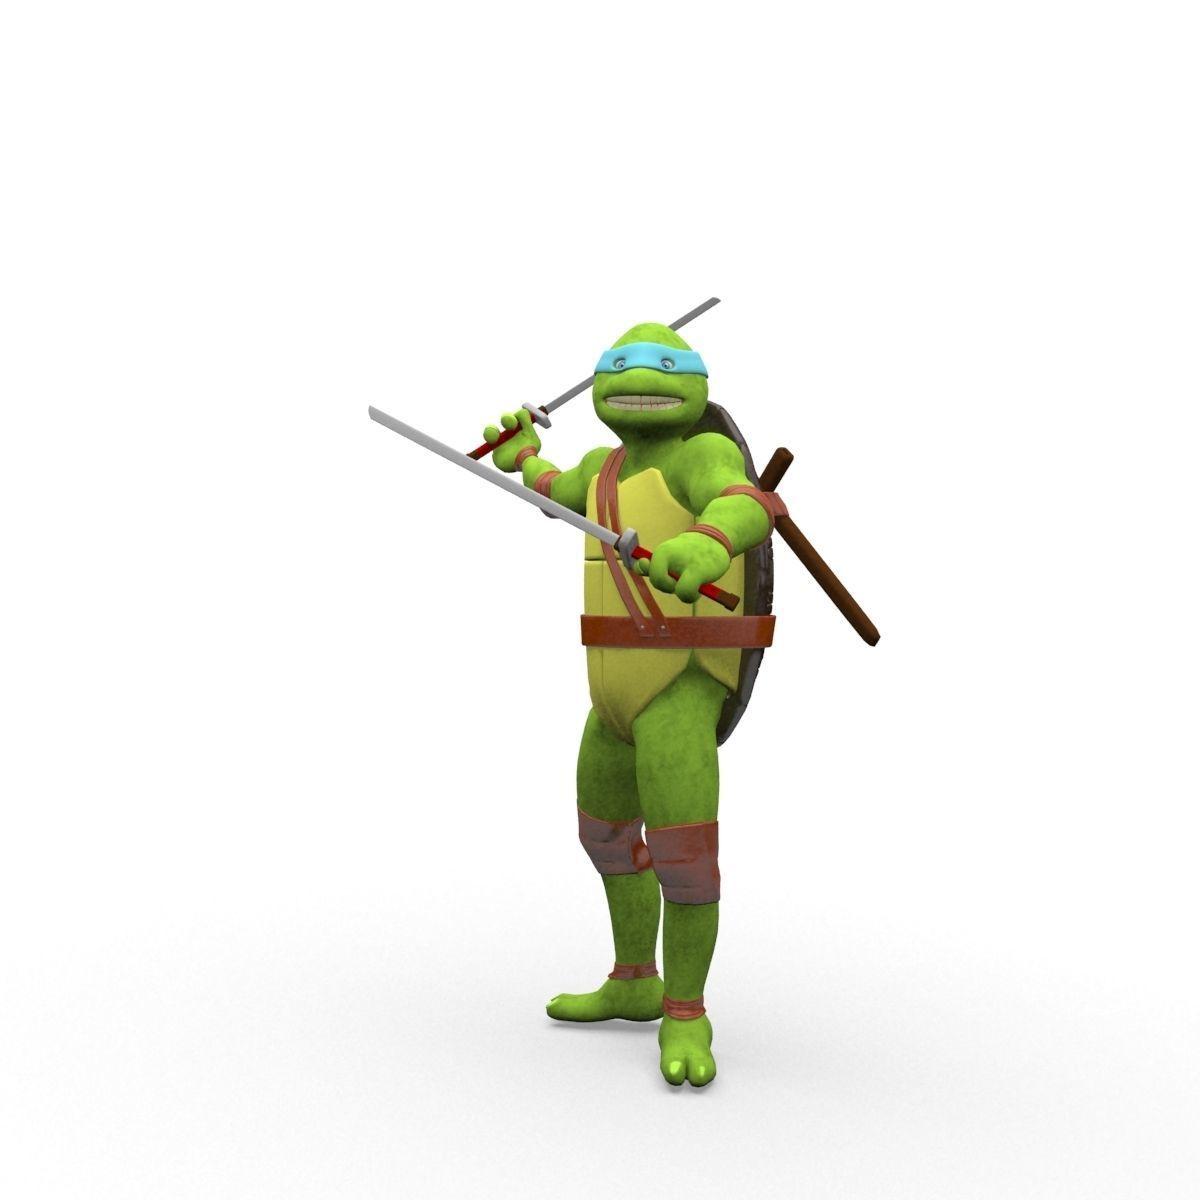 3d Model Teenage Mutant Ninja Turtles Leonardo